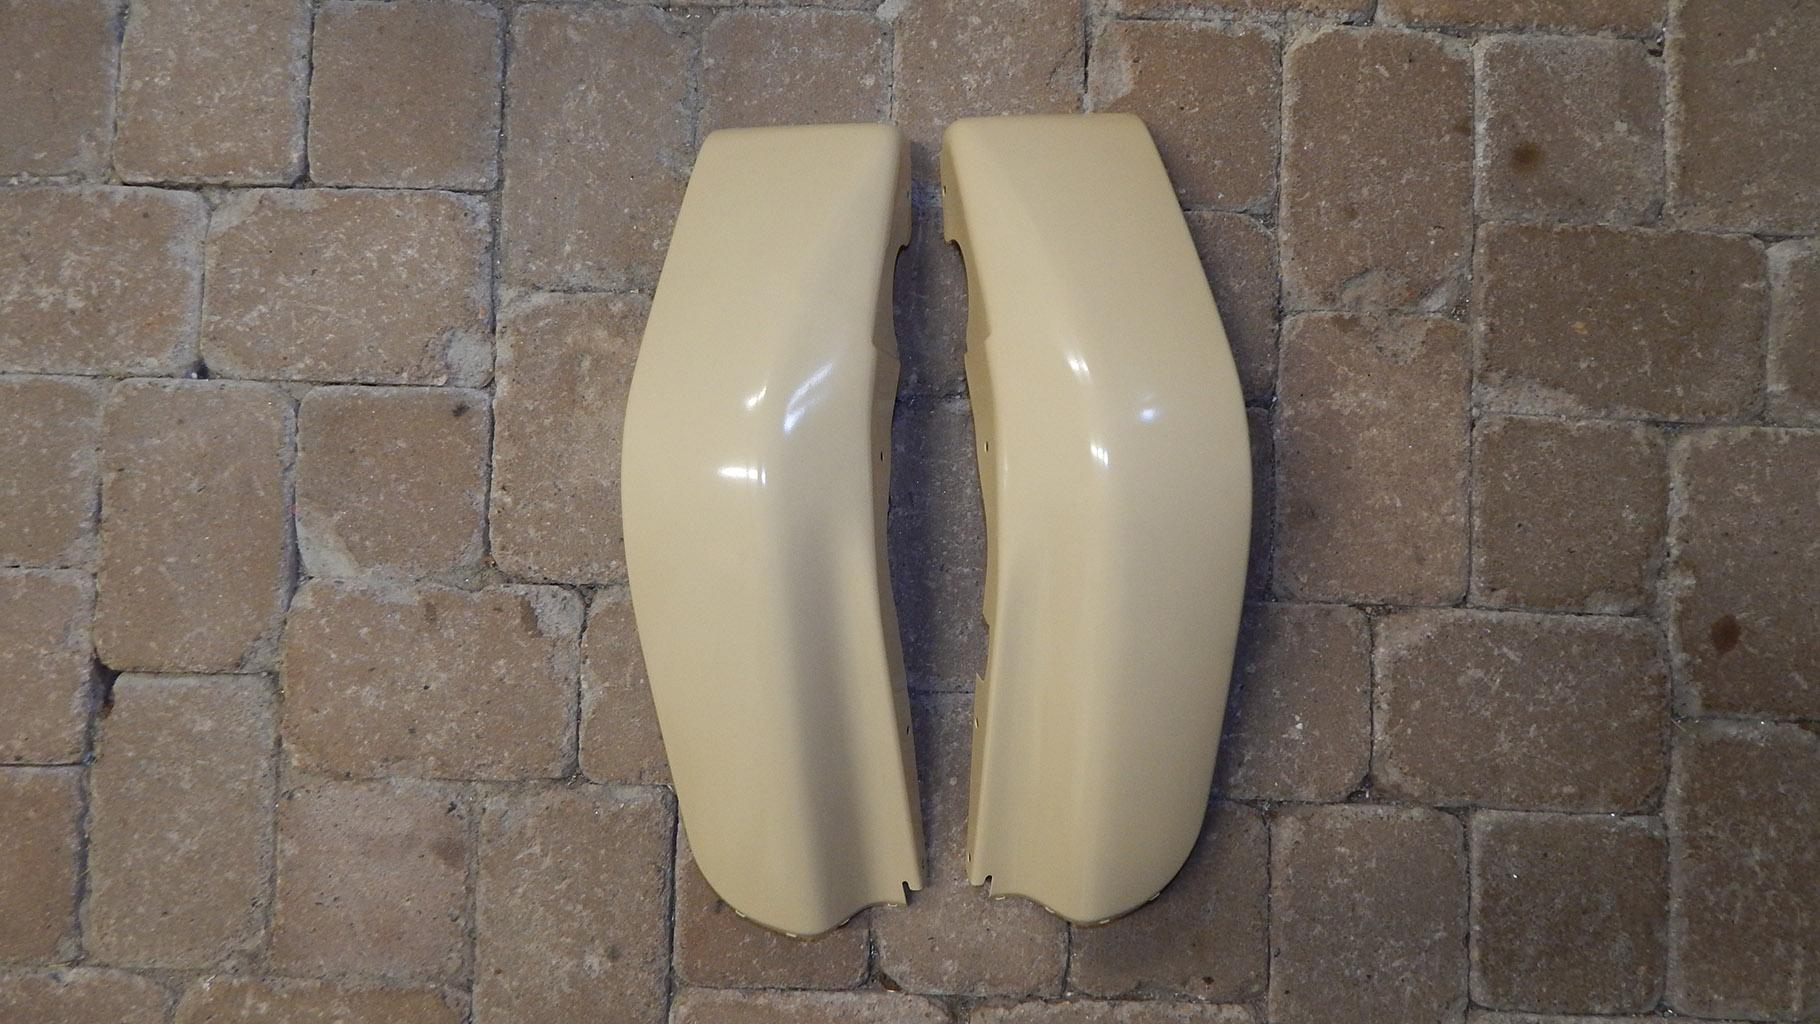 Simson SR50 Set Kniebleche (re. u. li.) in RAL1001 (beige) gepulvert. Preis: 229,47€